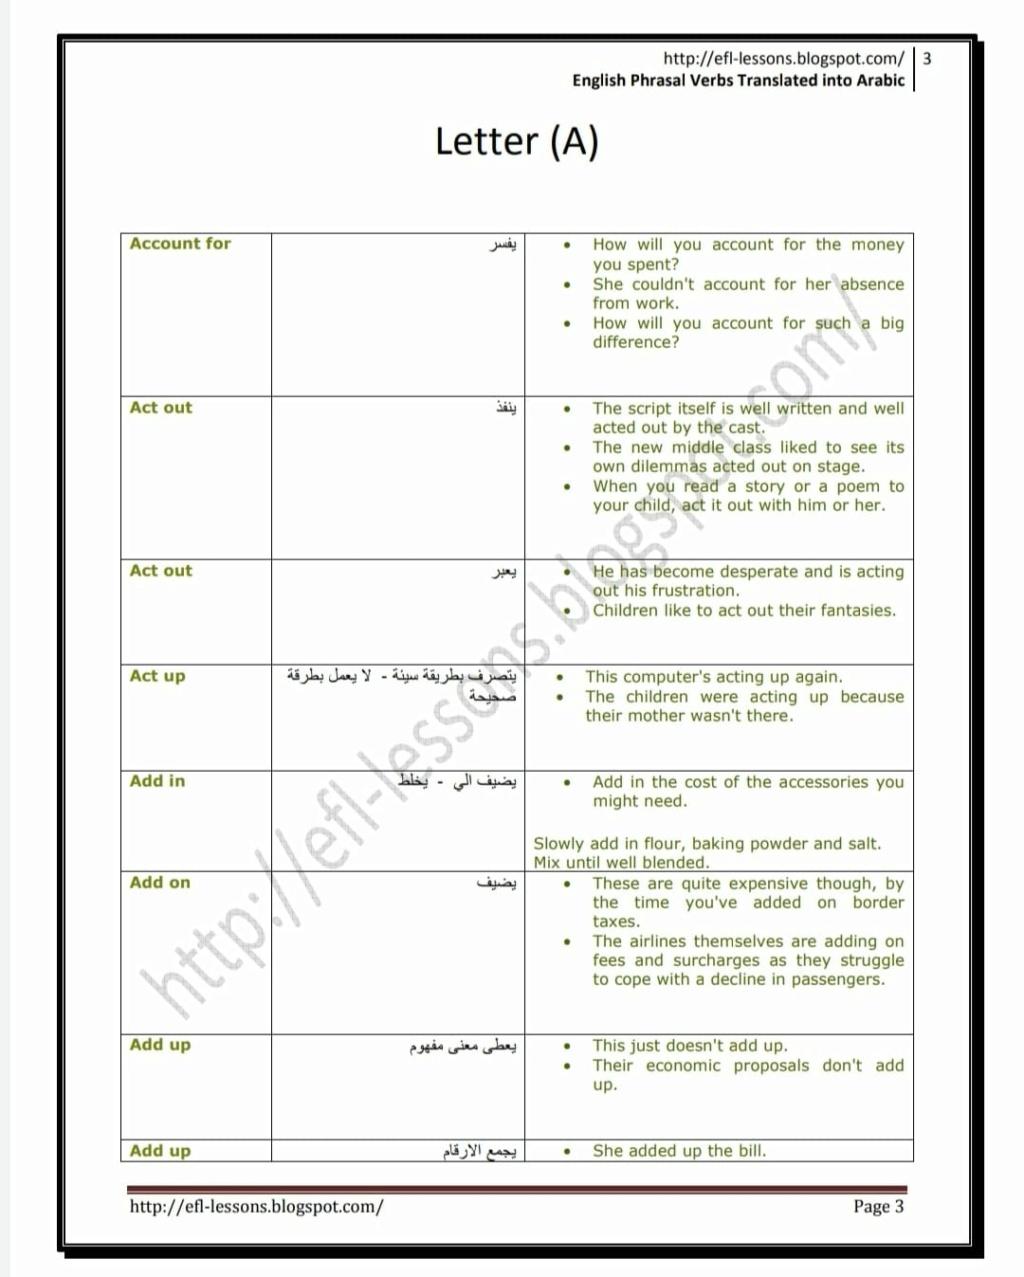 تحميل كتاب phrasal verbs مترجم للعربية  12085